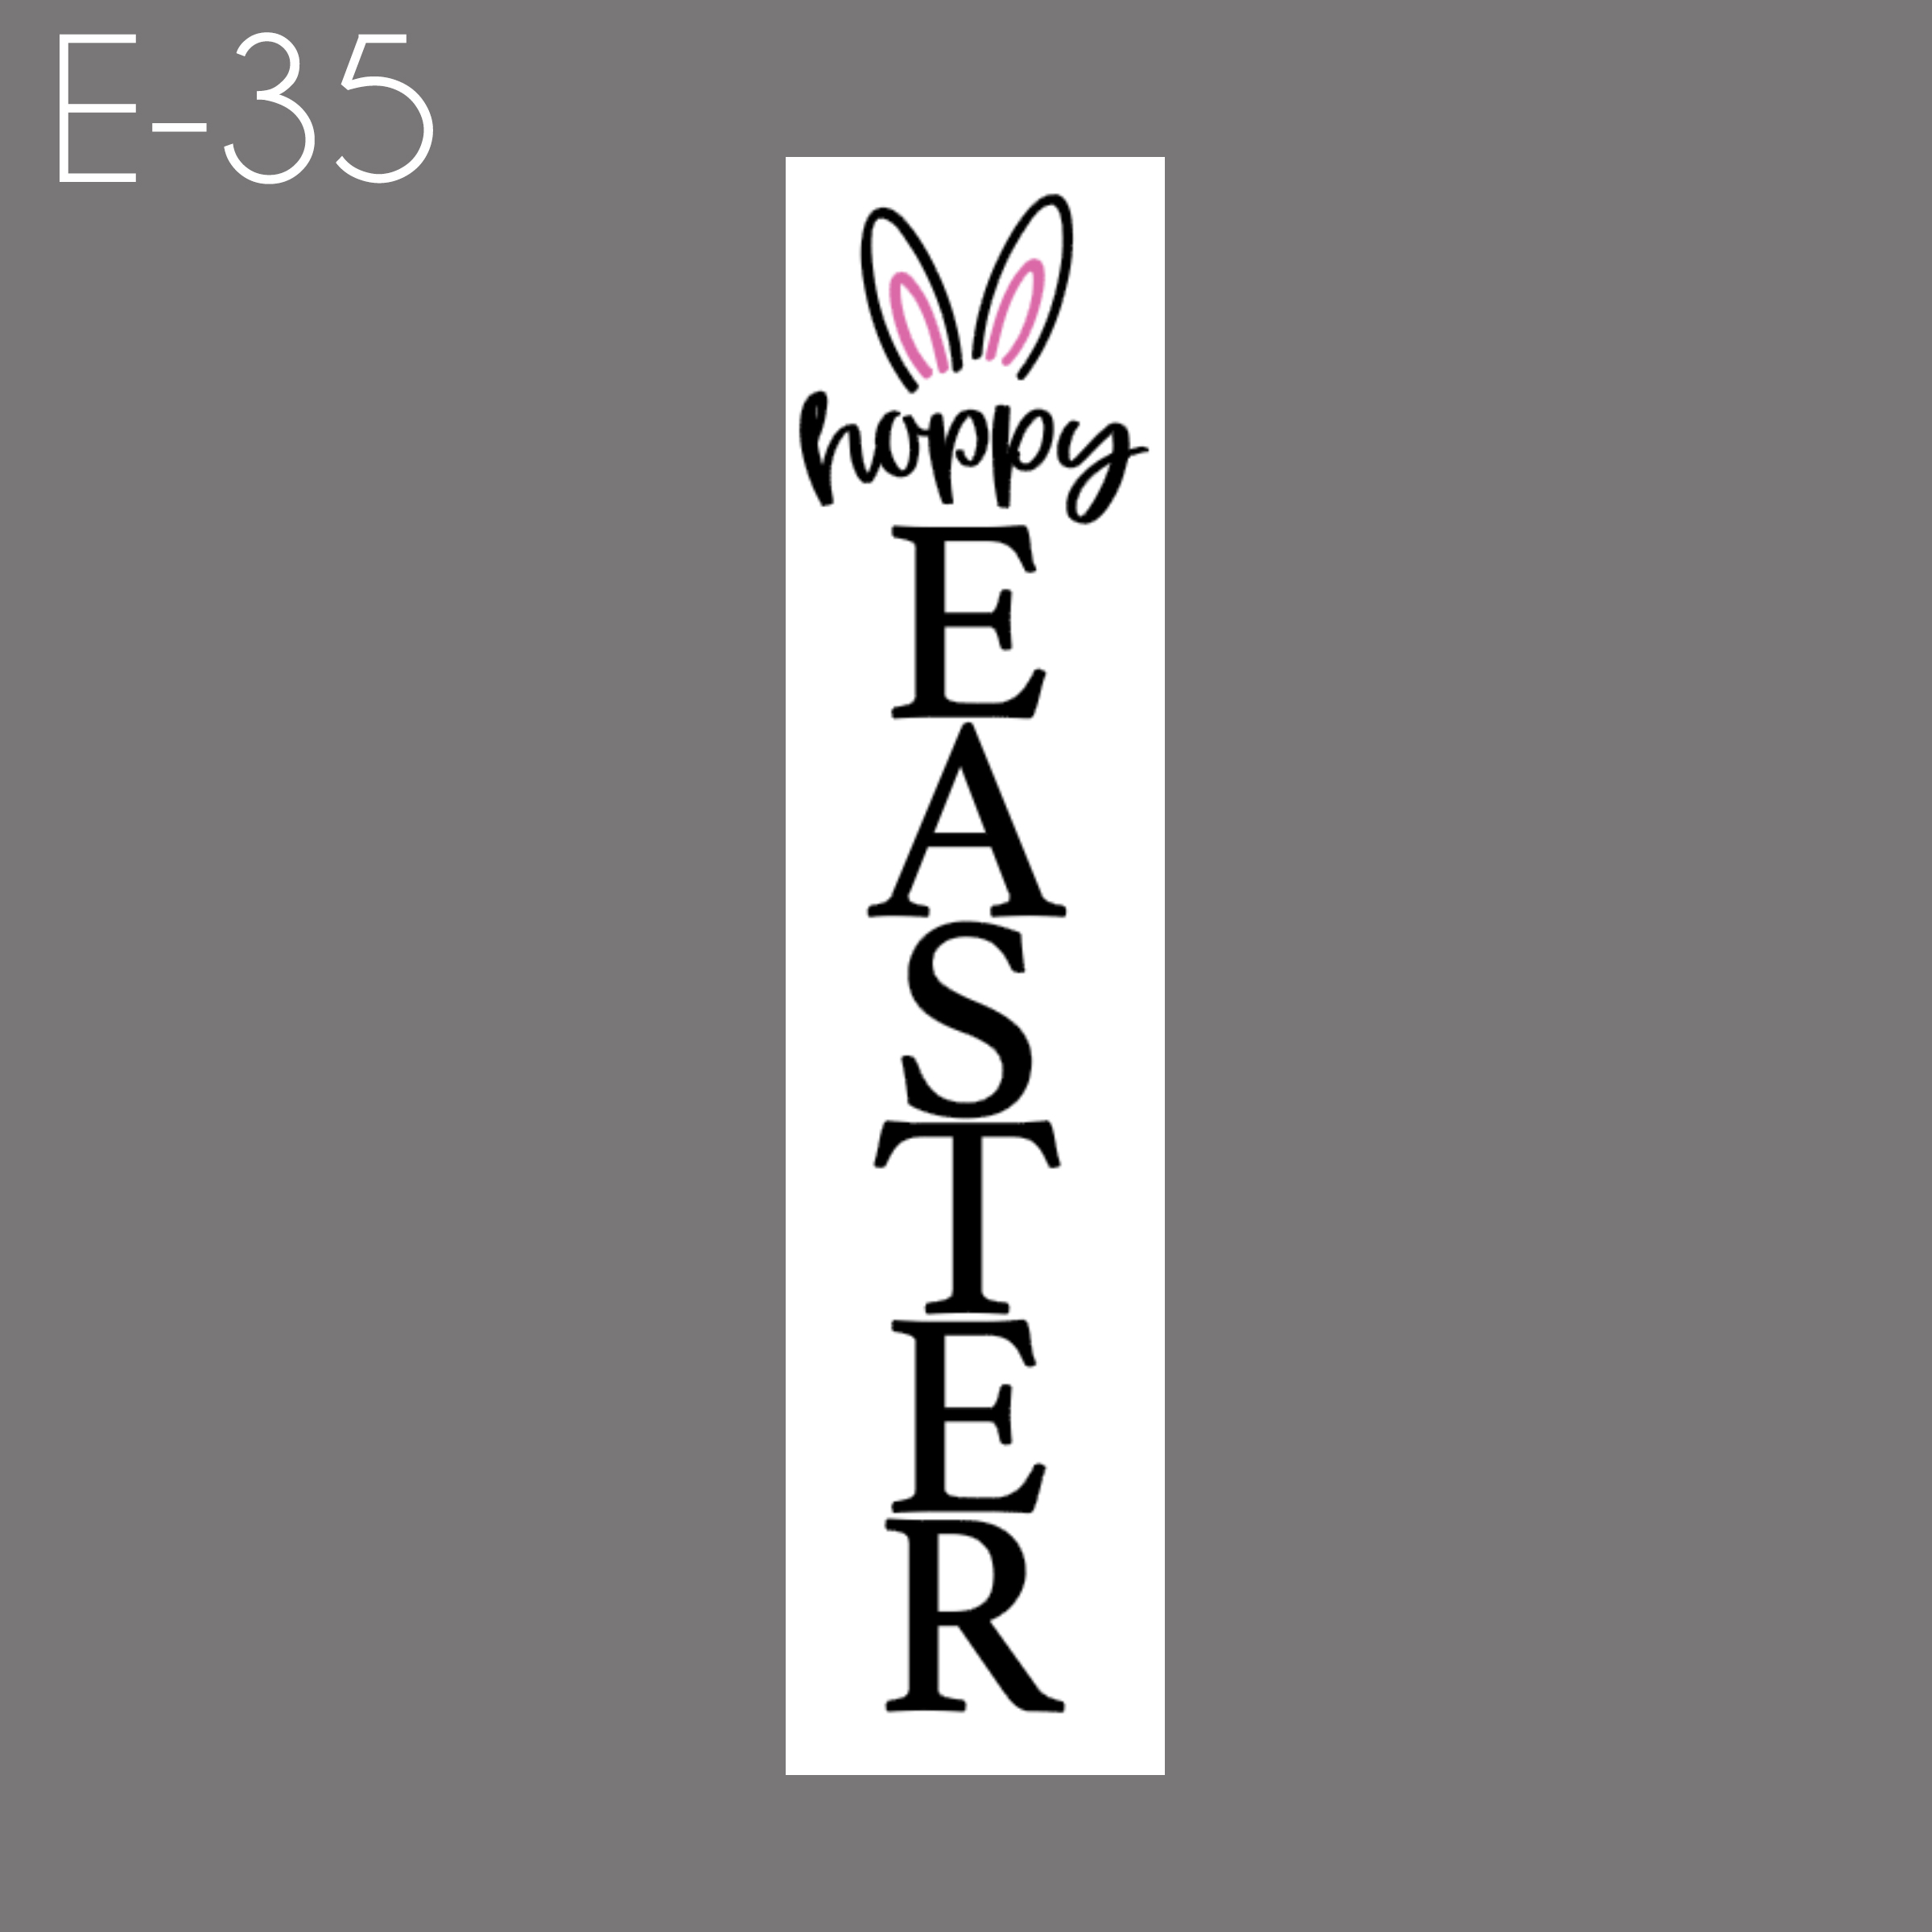 E35 - Hoppy Easter.jpg